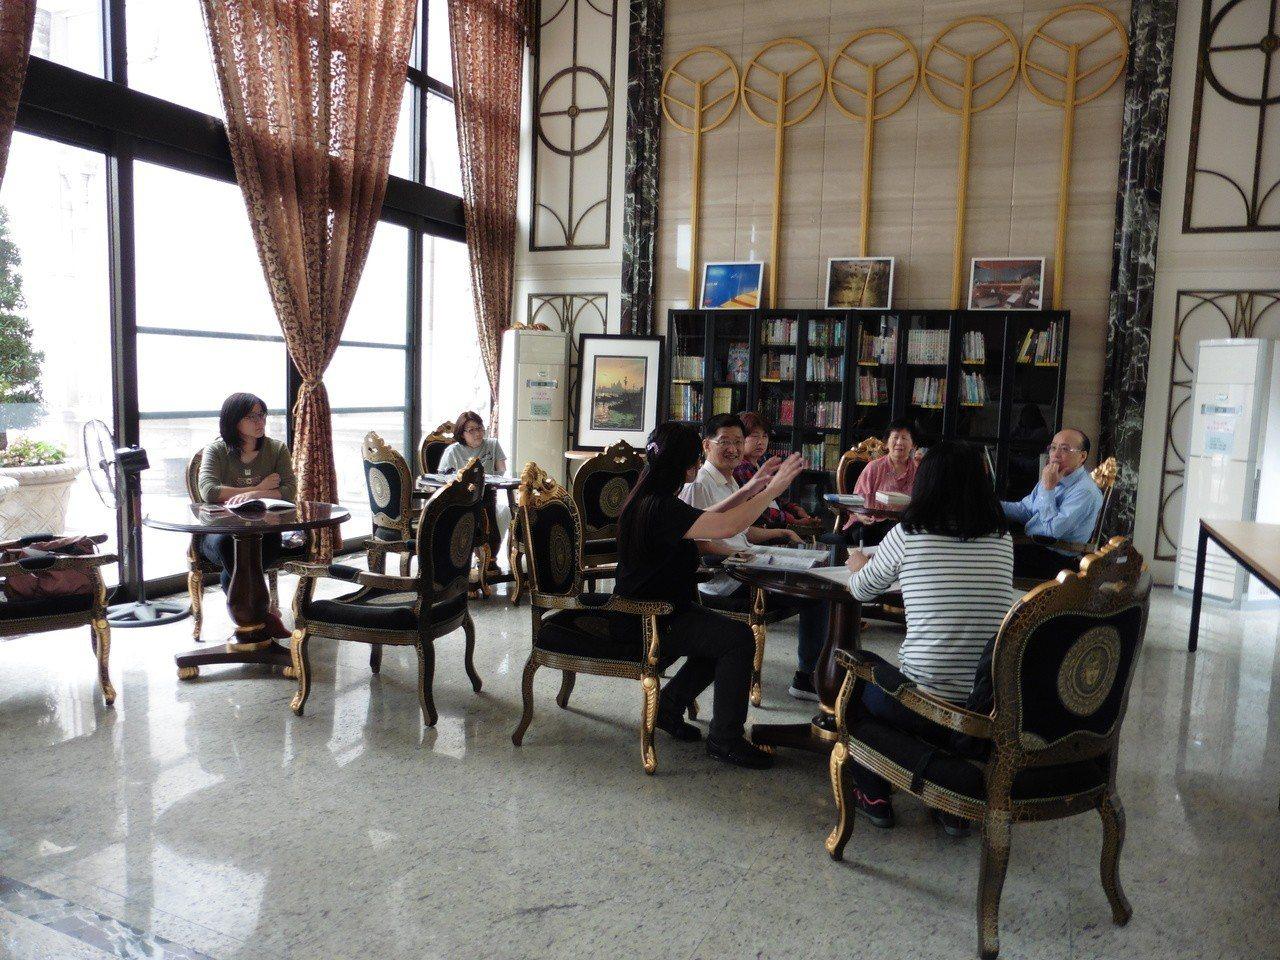 桃市府文化局補助社區購置新書,盼藉此活化社區圖書空間。圖/市府文化局提供